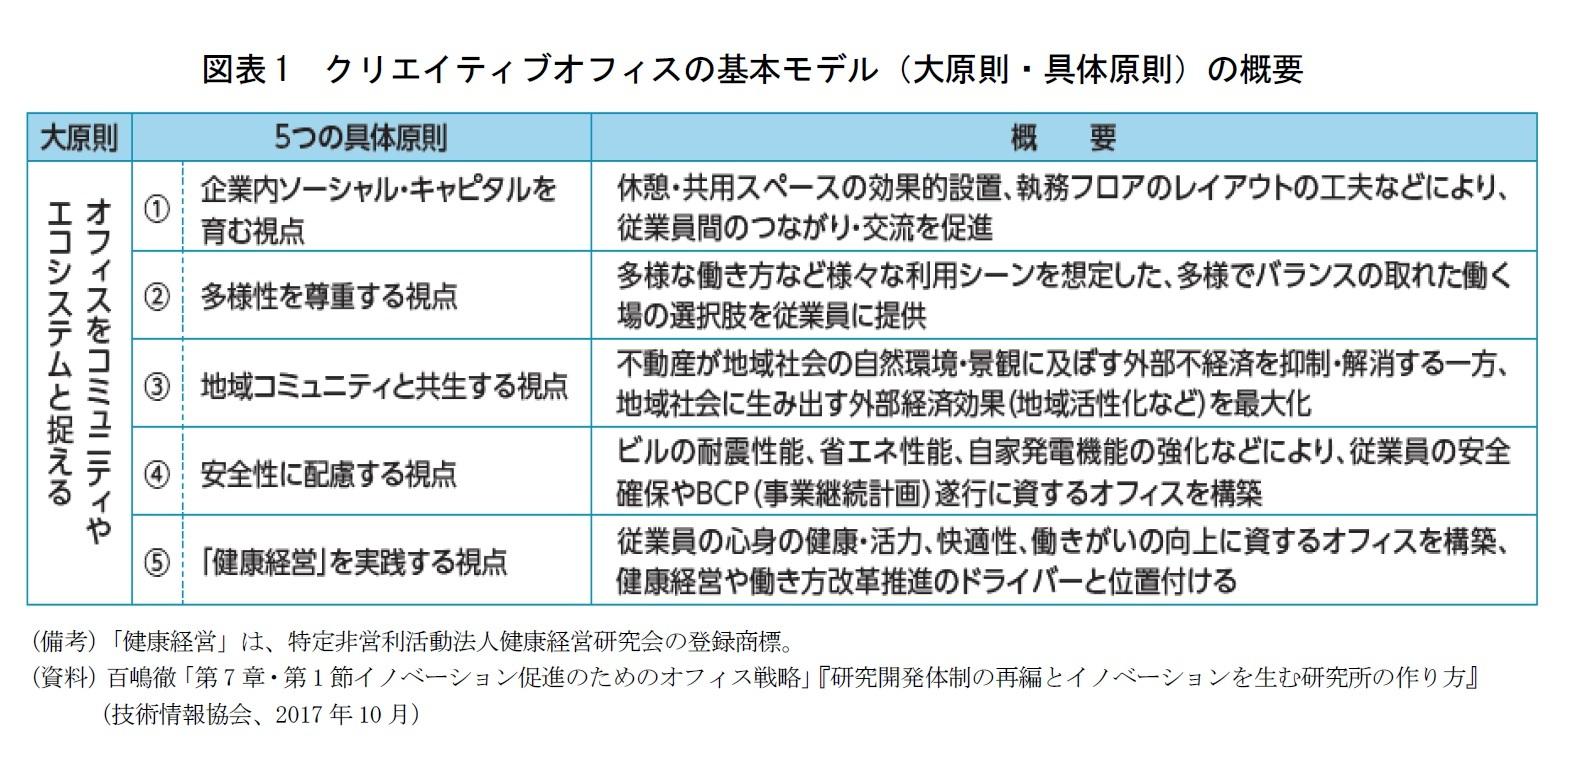 図表1 クリエイティブオフィスの基本モデル(大原則・具体原則)の概要